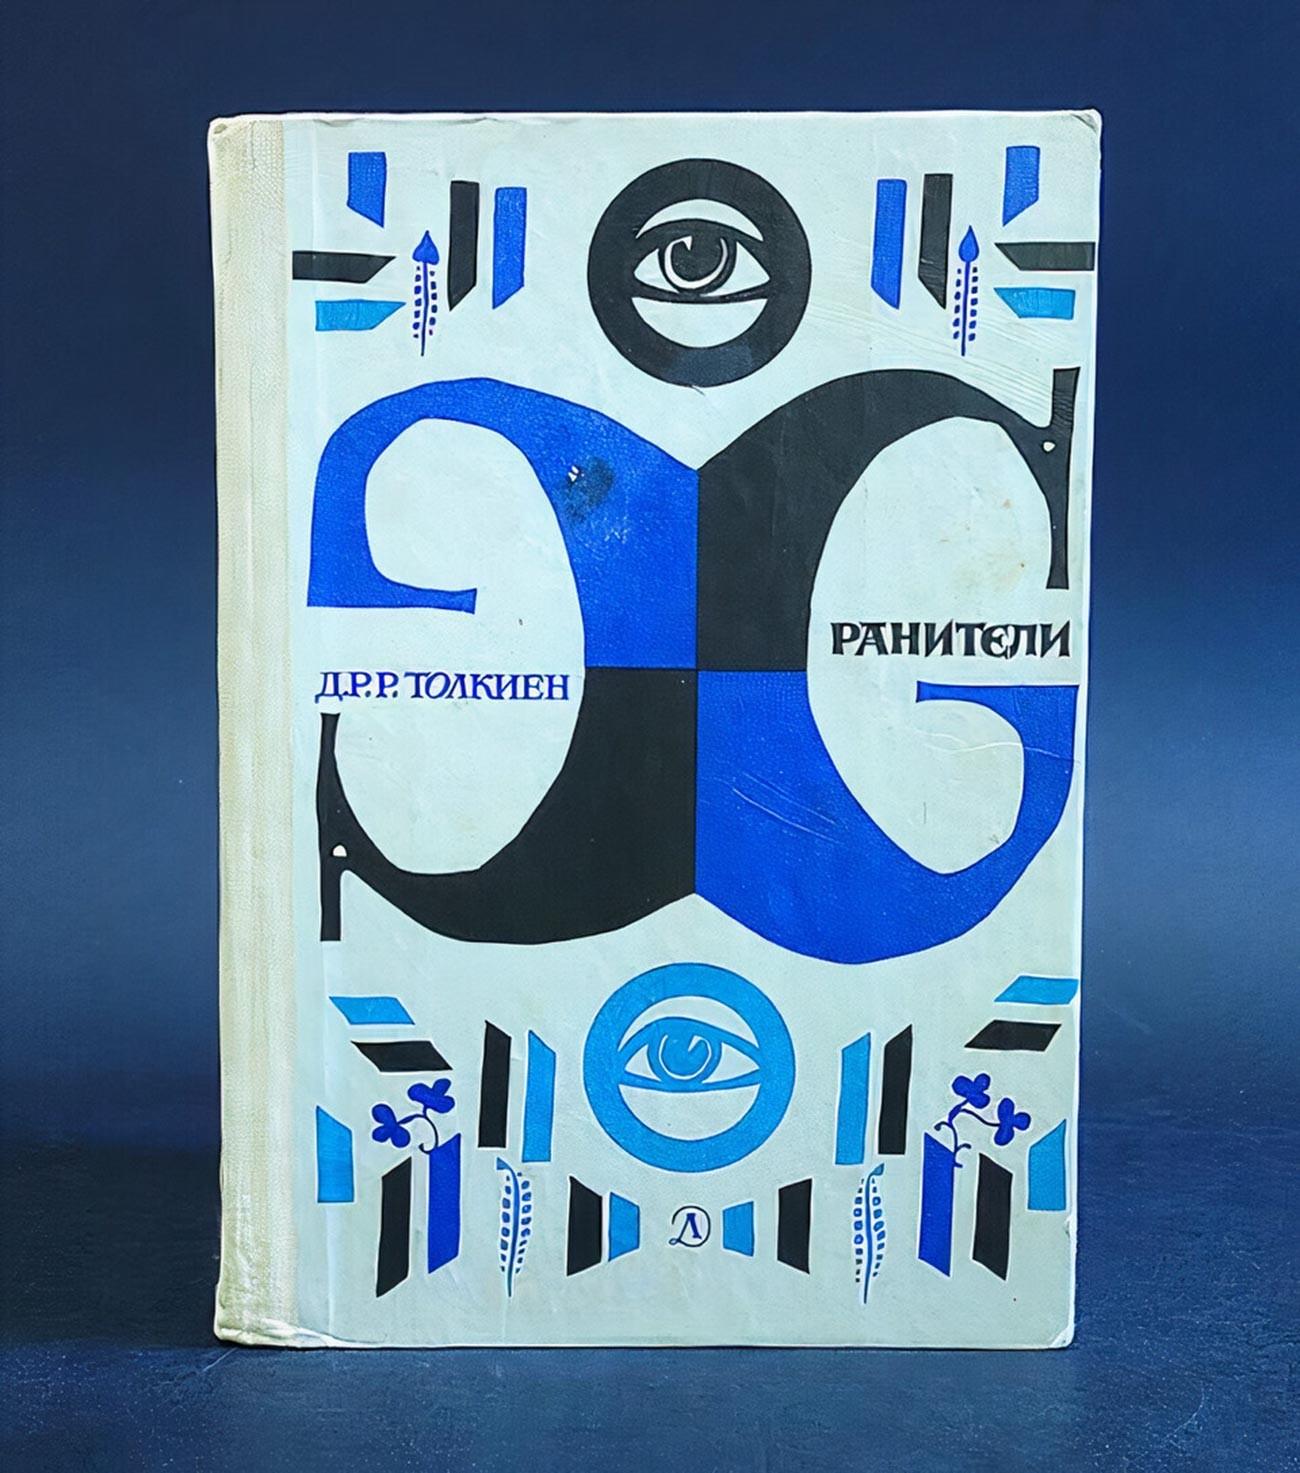 """Die erste Übersetzung von Tolkiens Werk in der Sowjetunion trug den Titel """"Wächter""""."""